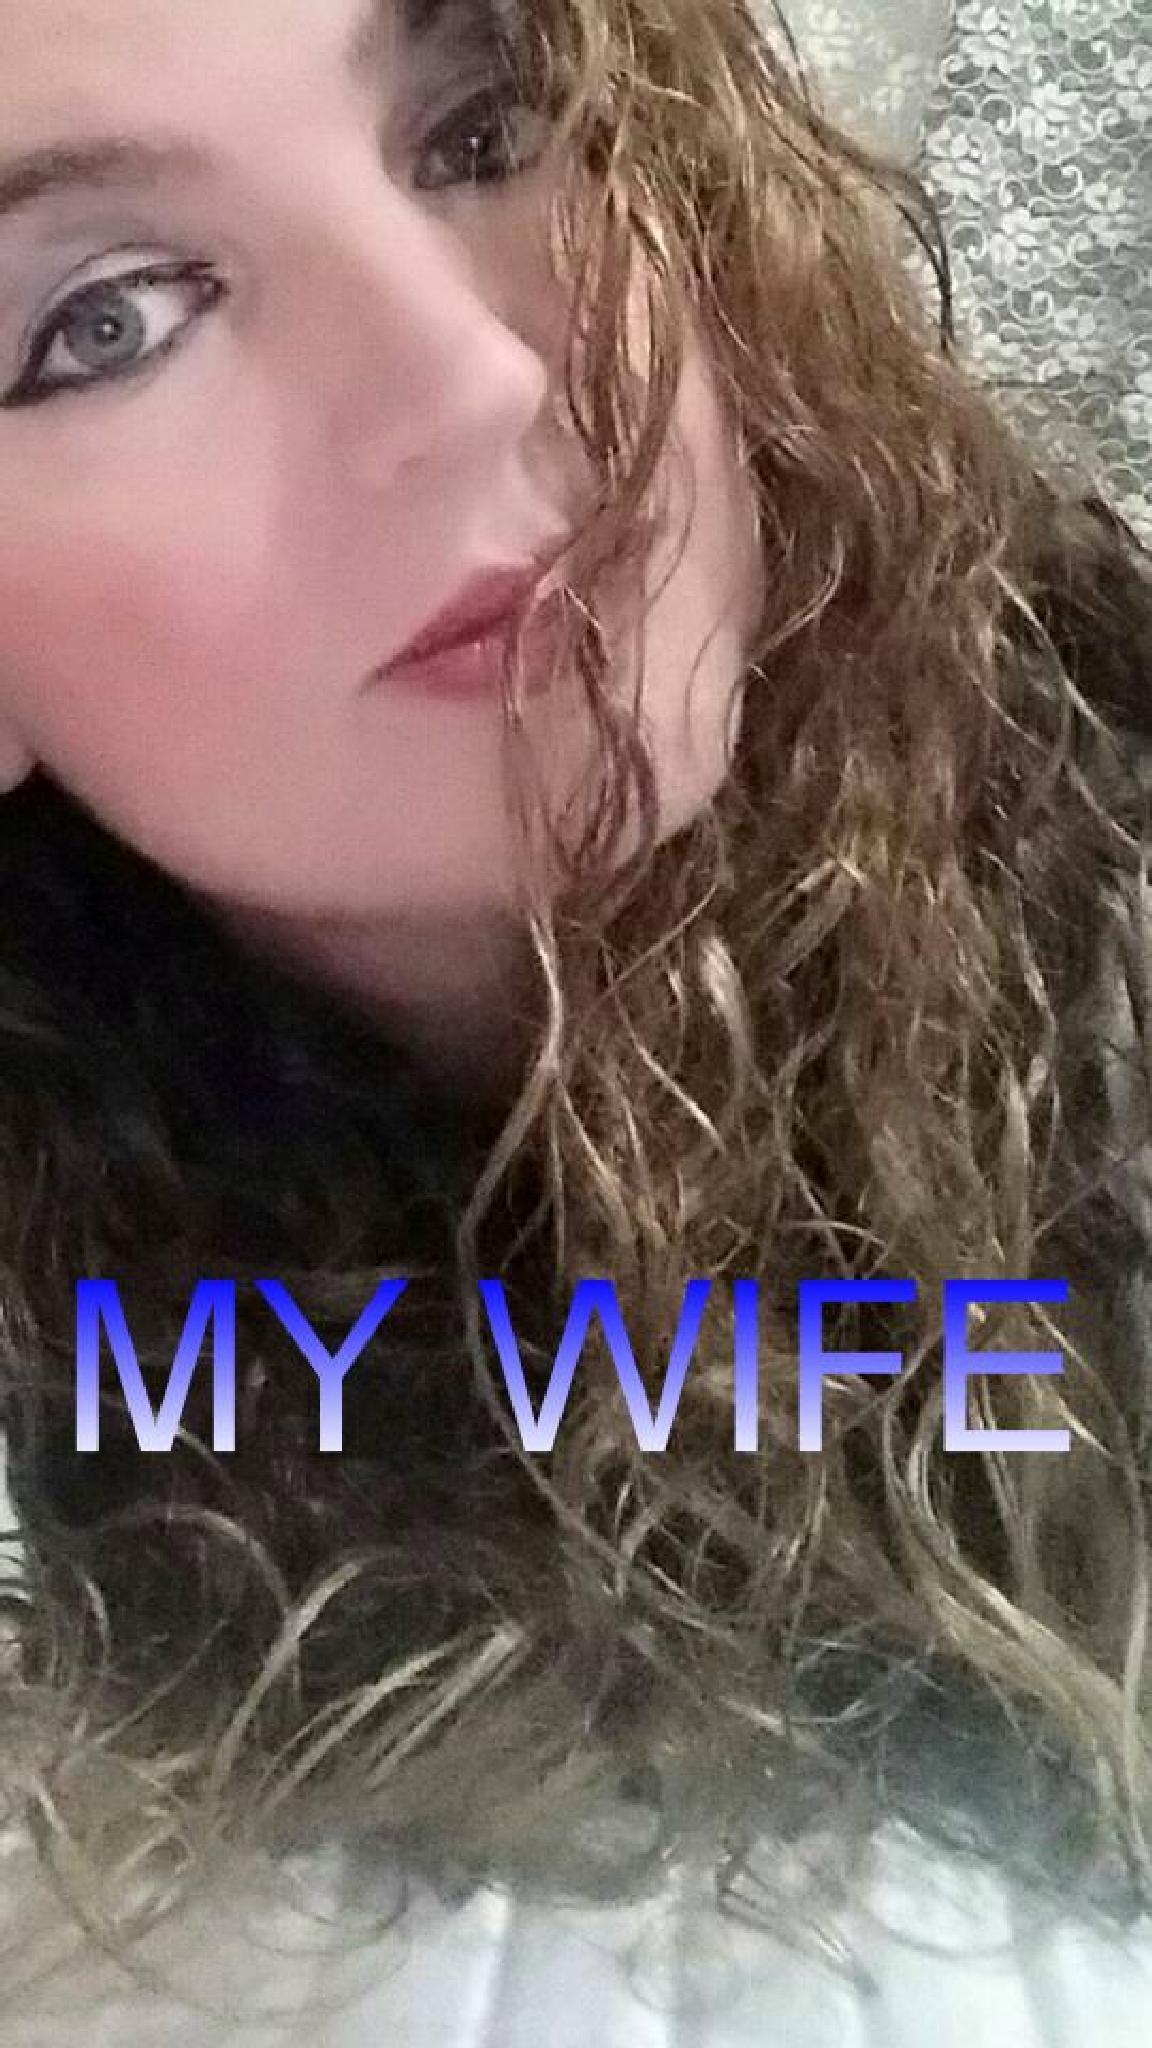 MY WIFE by carlomuscas